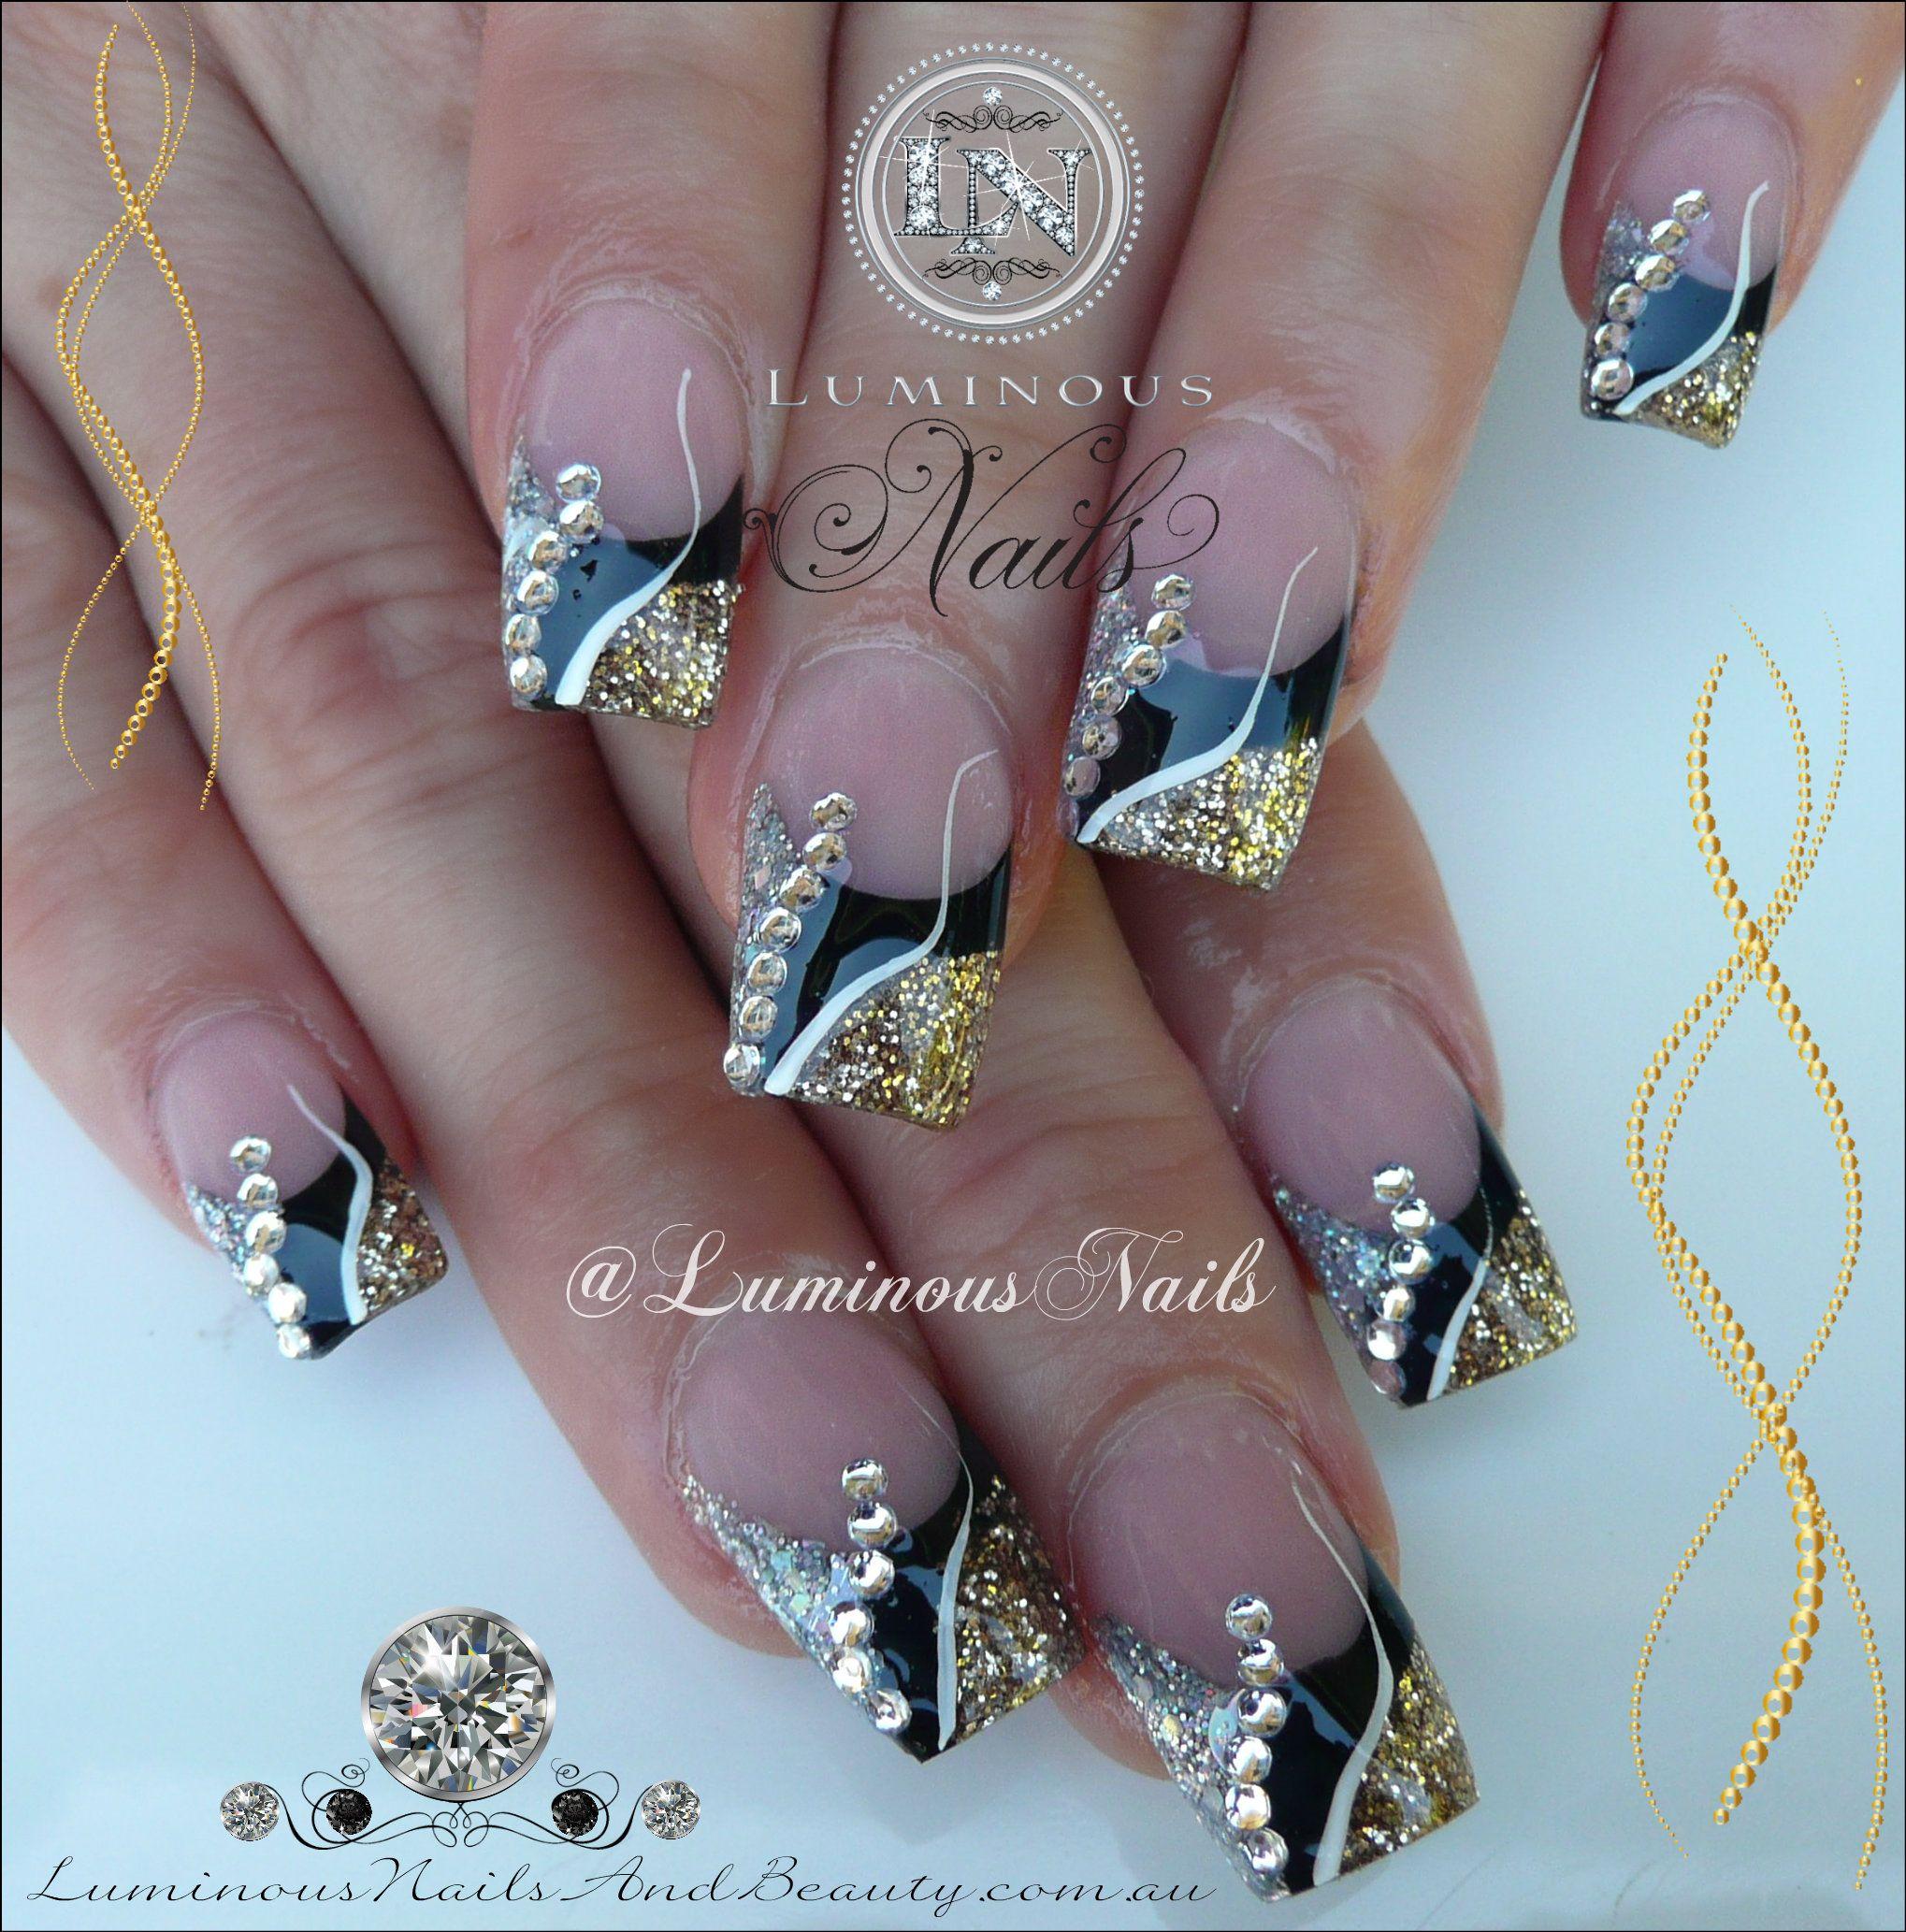 Black Gold Silver Nails With Bling Silver Nails Bling Nails Gold Nail Art